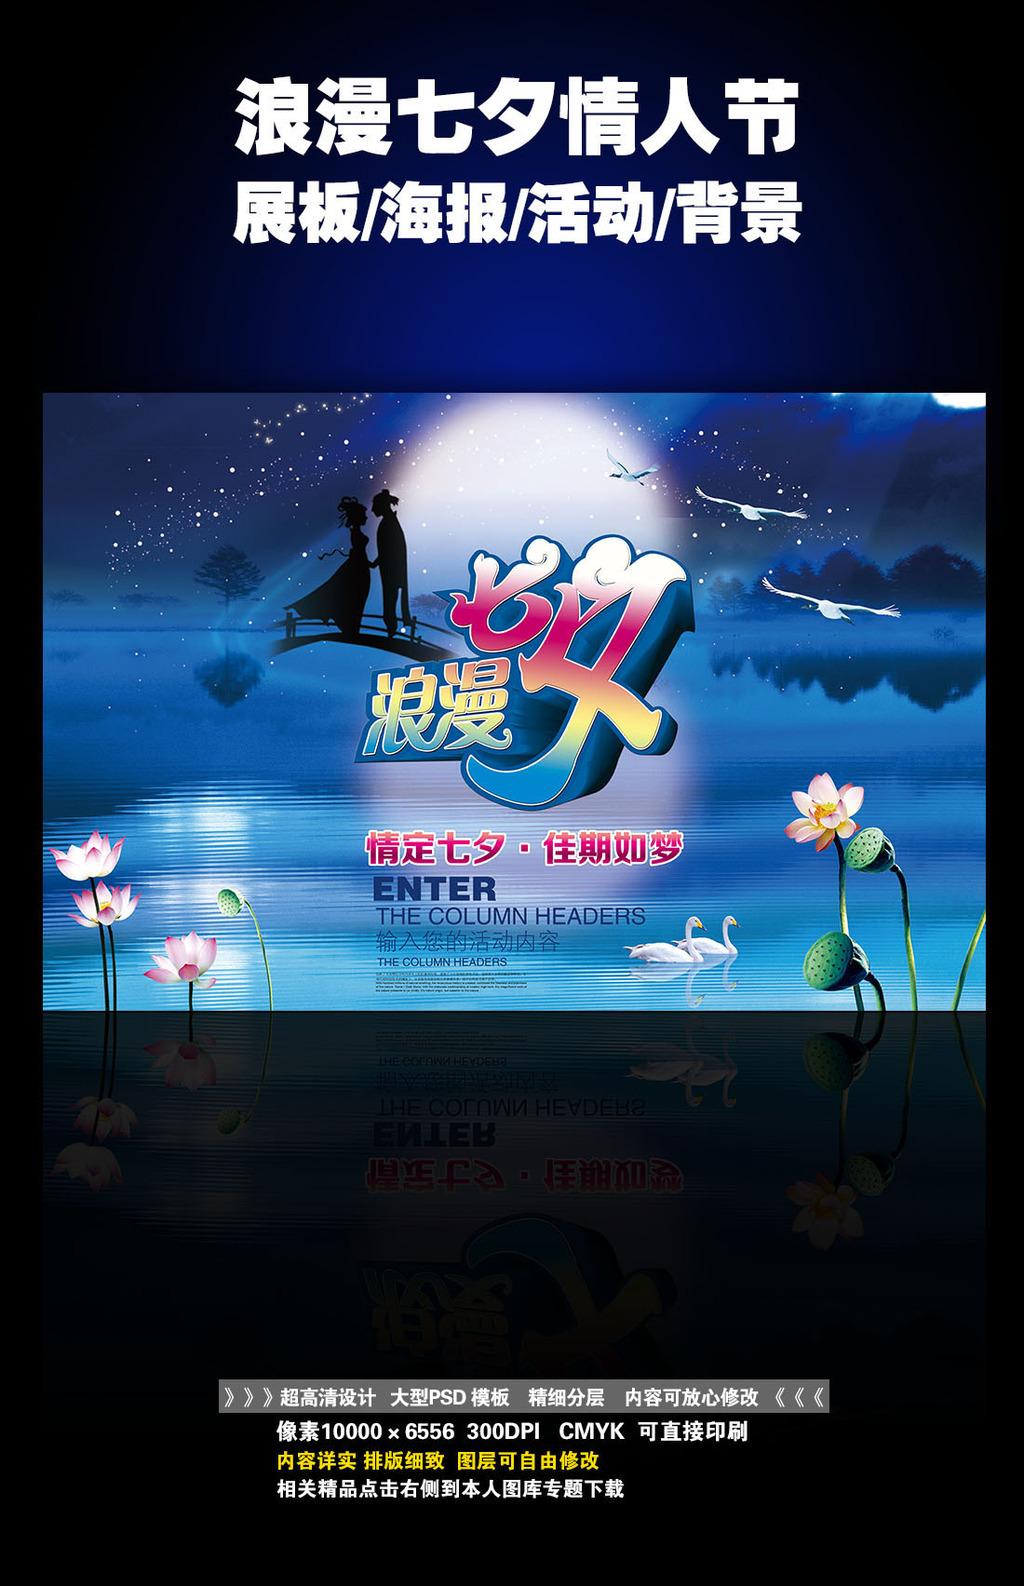 浪漫七夕情人节展板海报活动背景图设计模板下载